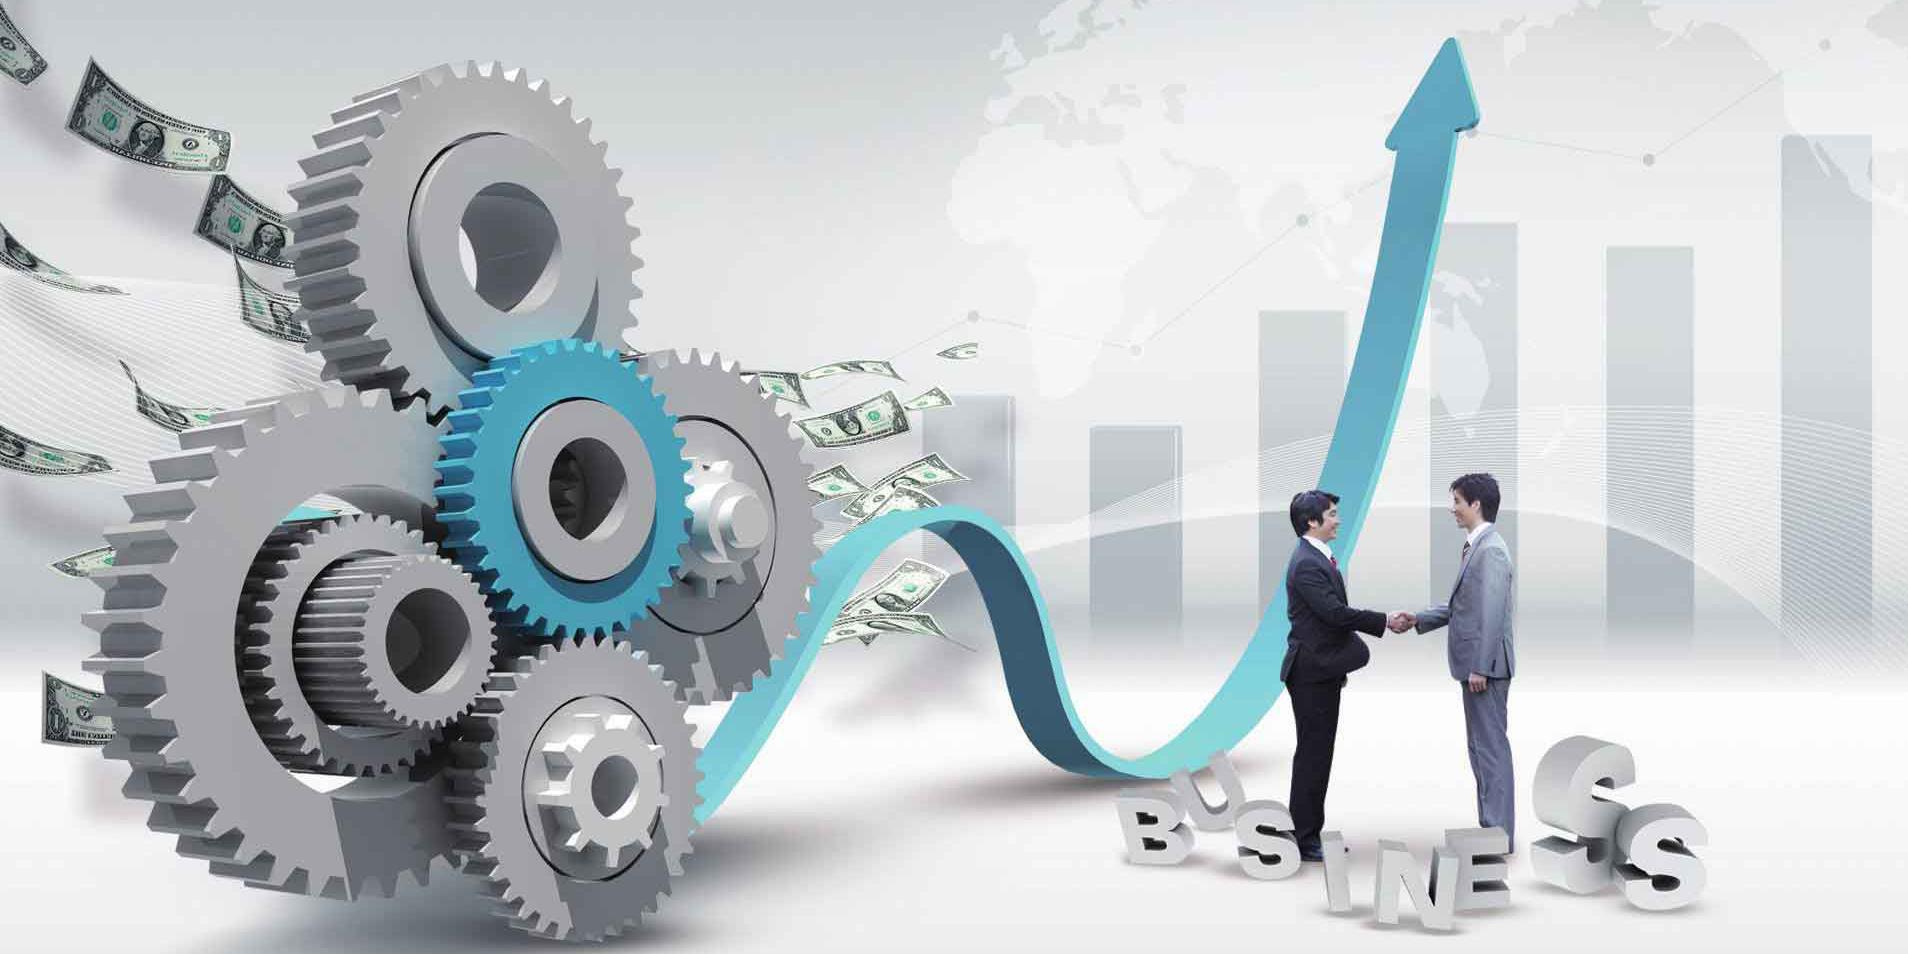 تولیدکنندگان، گرفتار تسهیلات با بهره بالا/ آمار چکهای برگشتی نشانه رکود است